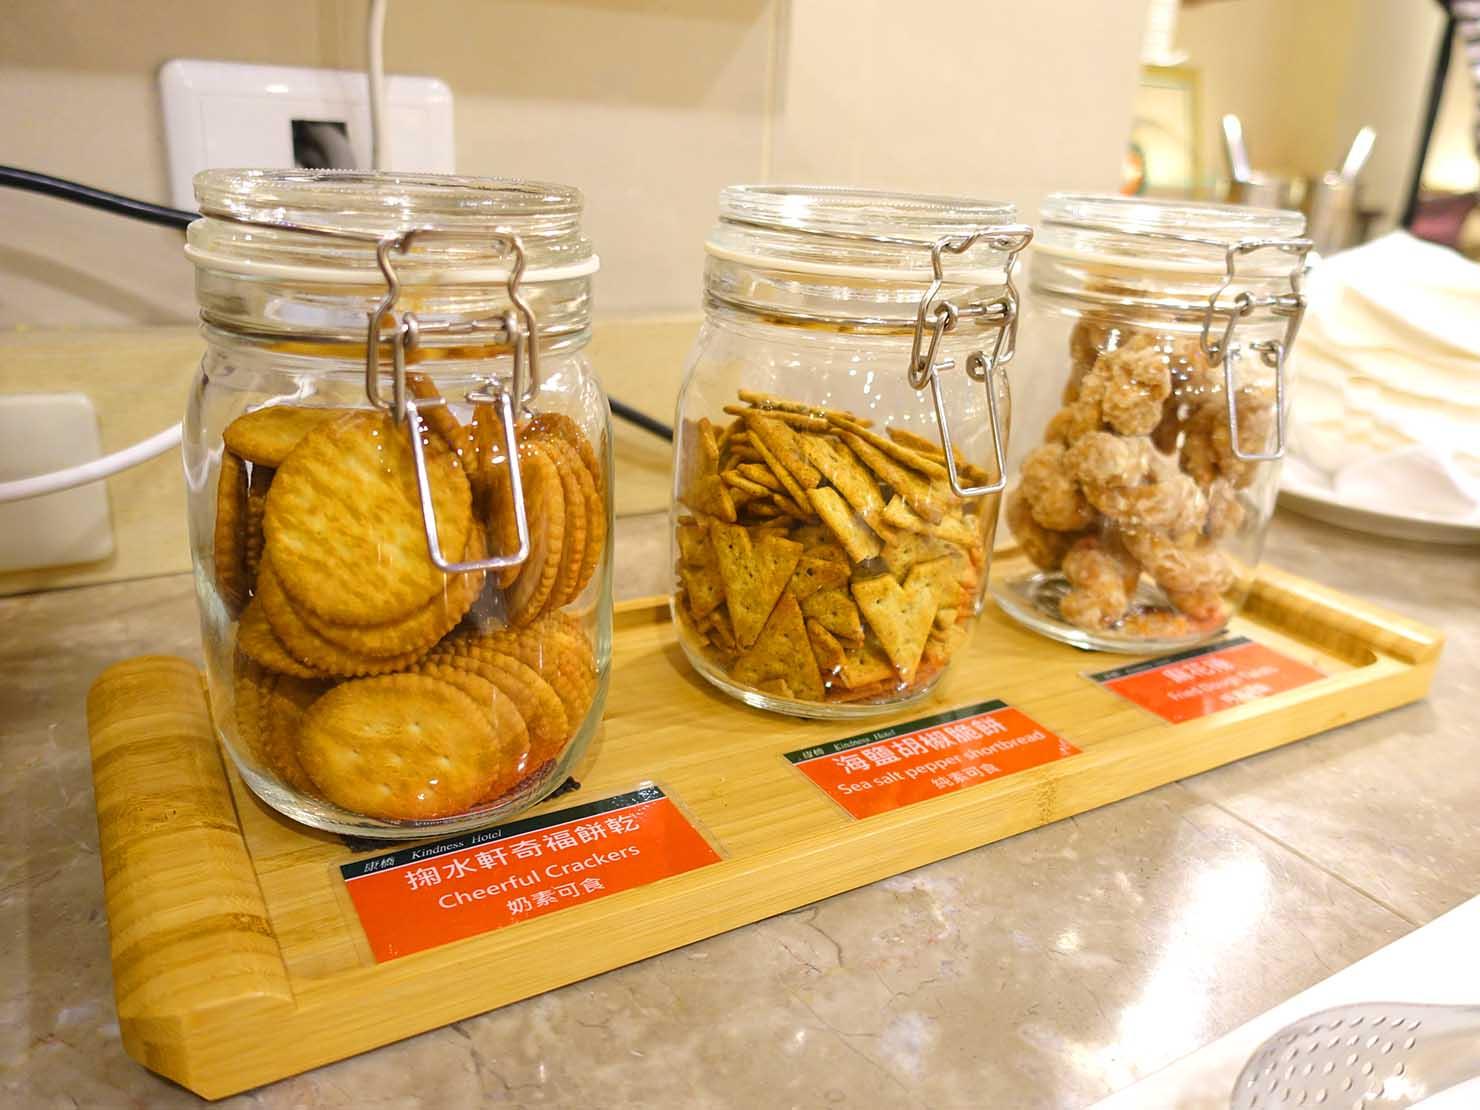 高雄のおすすめチェーンホテル「康橋商旅 Kindness Hotel(漢神館)」カフェスペースのお菓子